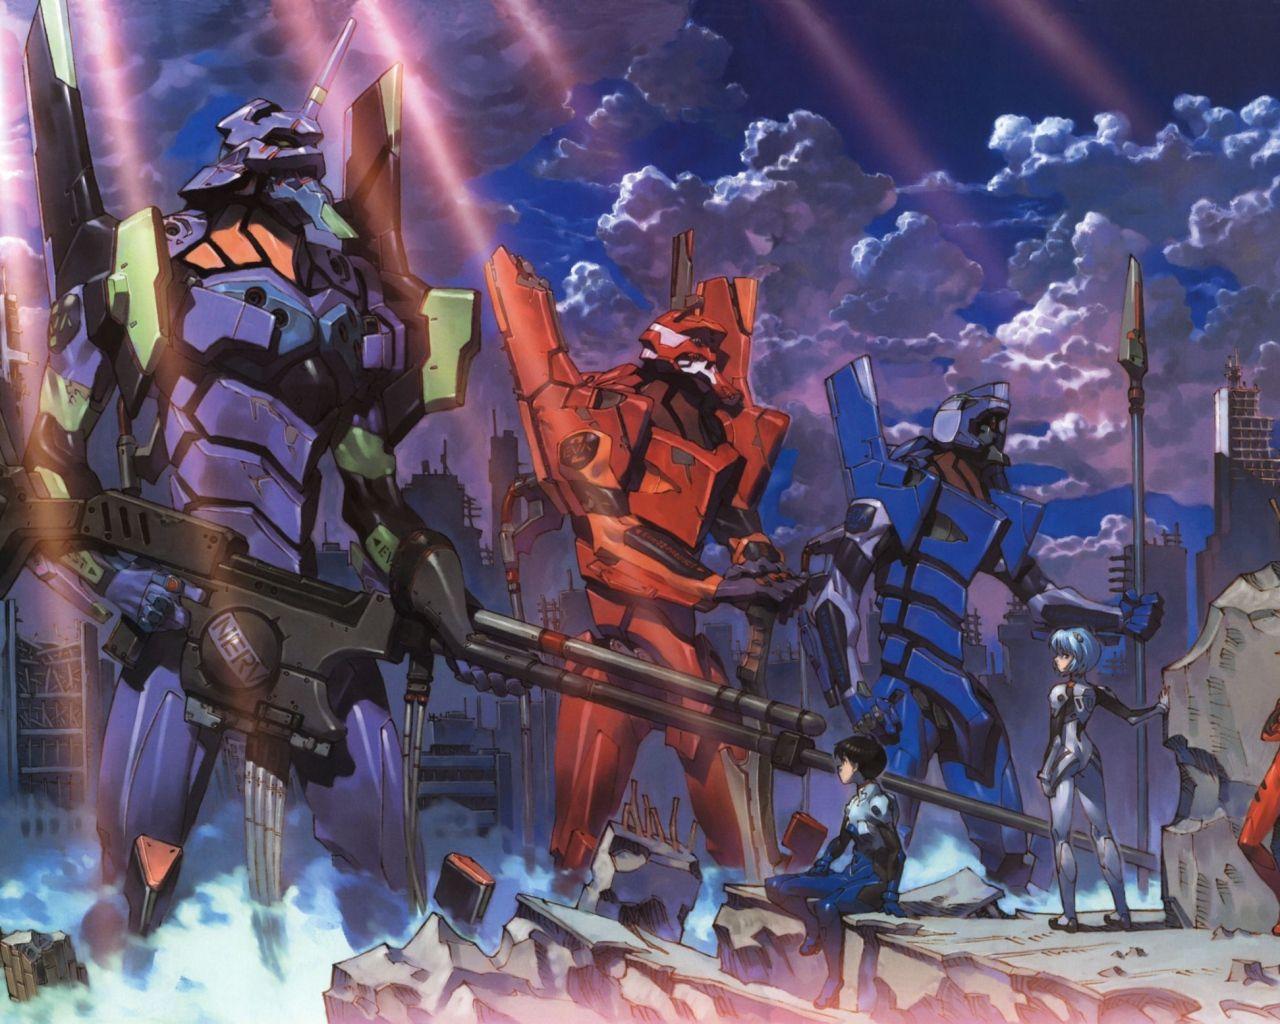 1280x1024 Wallpaper eva, robots, anime, evangelion